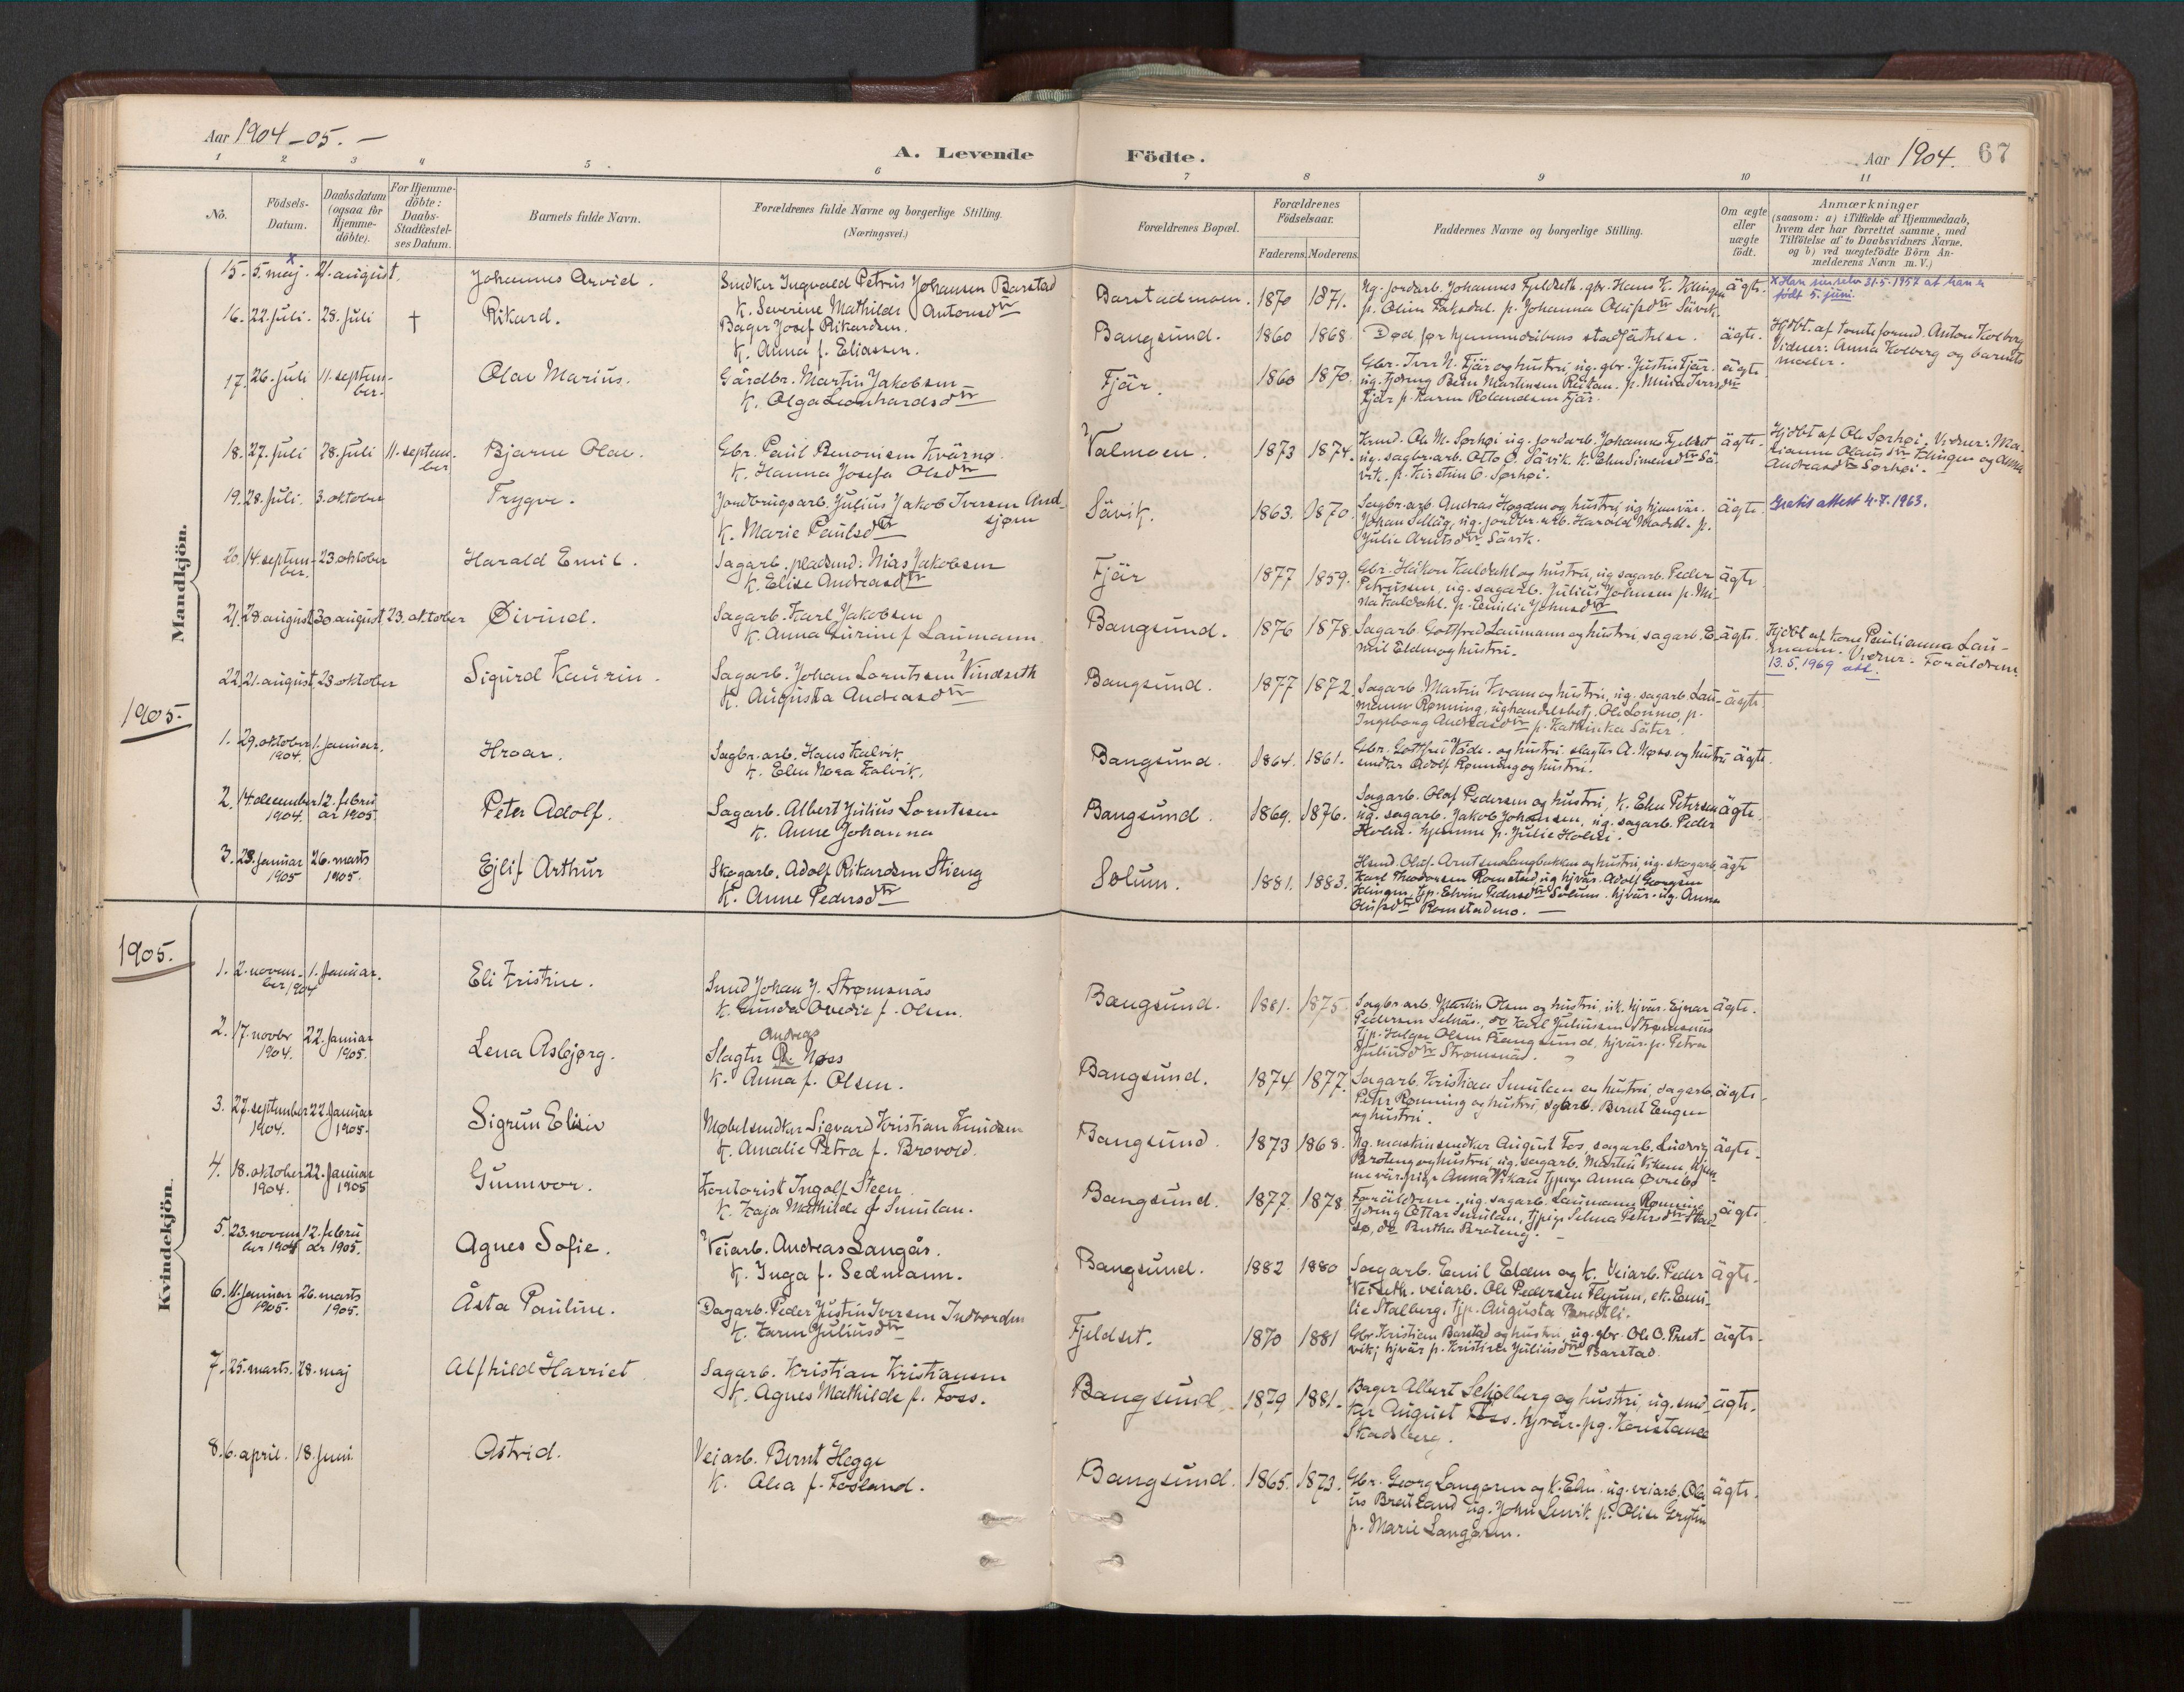 SAT, Ministerialprotokoller, klokkerbøker og fødselsregistre - Nord-Trøndelag, 770/L0589: Ministerialbok nr. 770A03, 1887-1929, s. 67